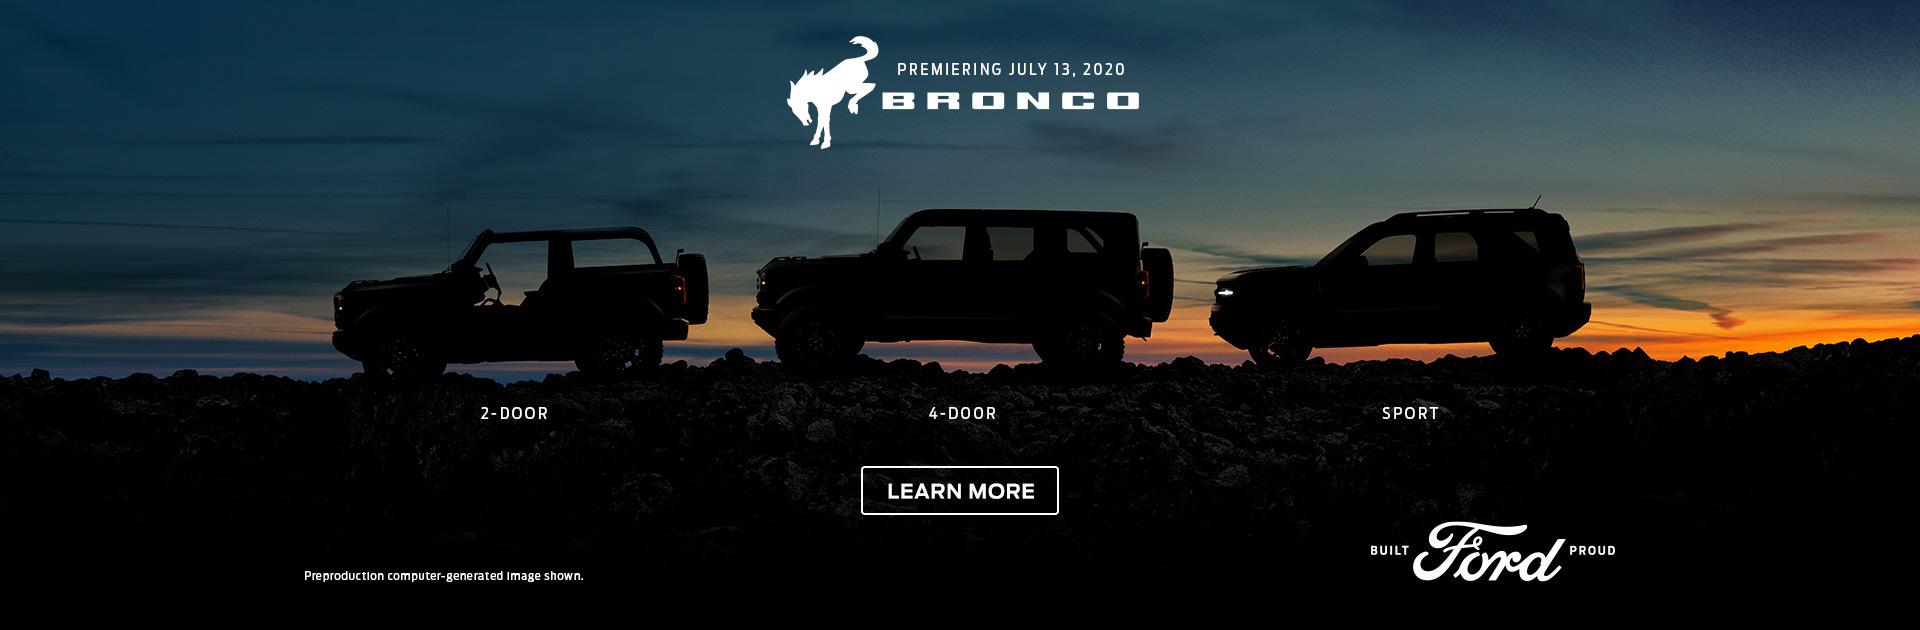 Bronco Reveal 1920x630